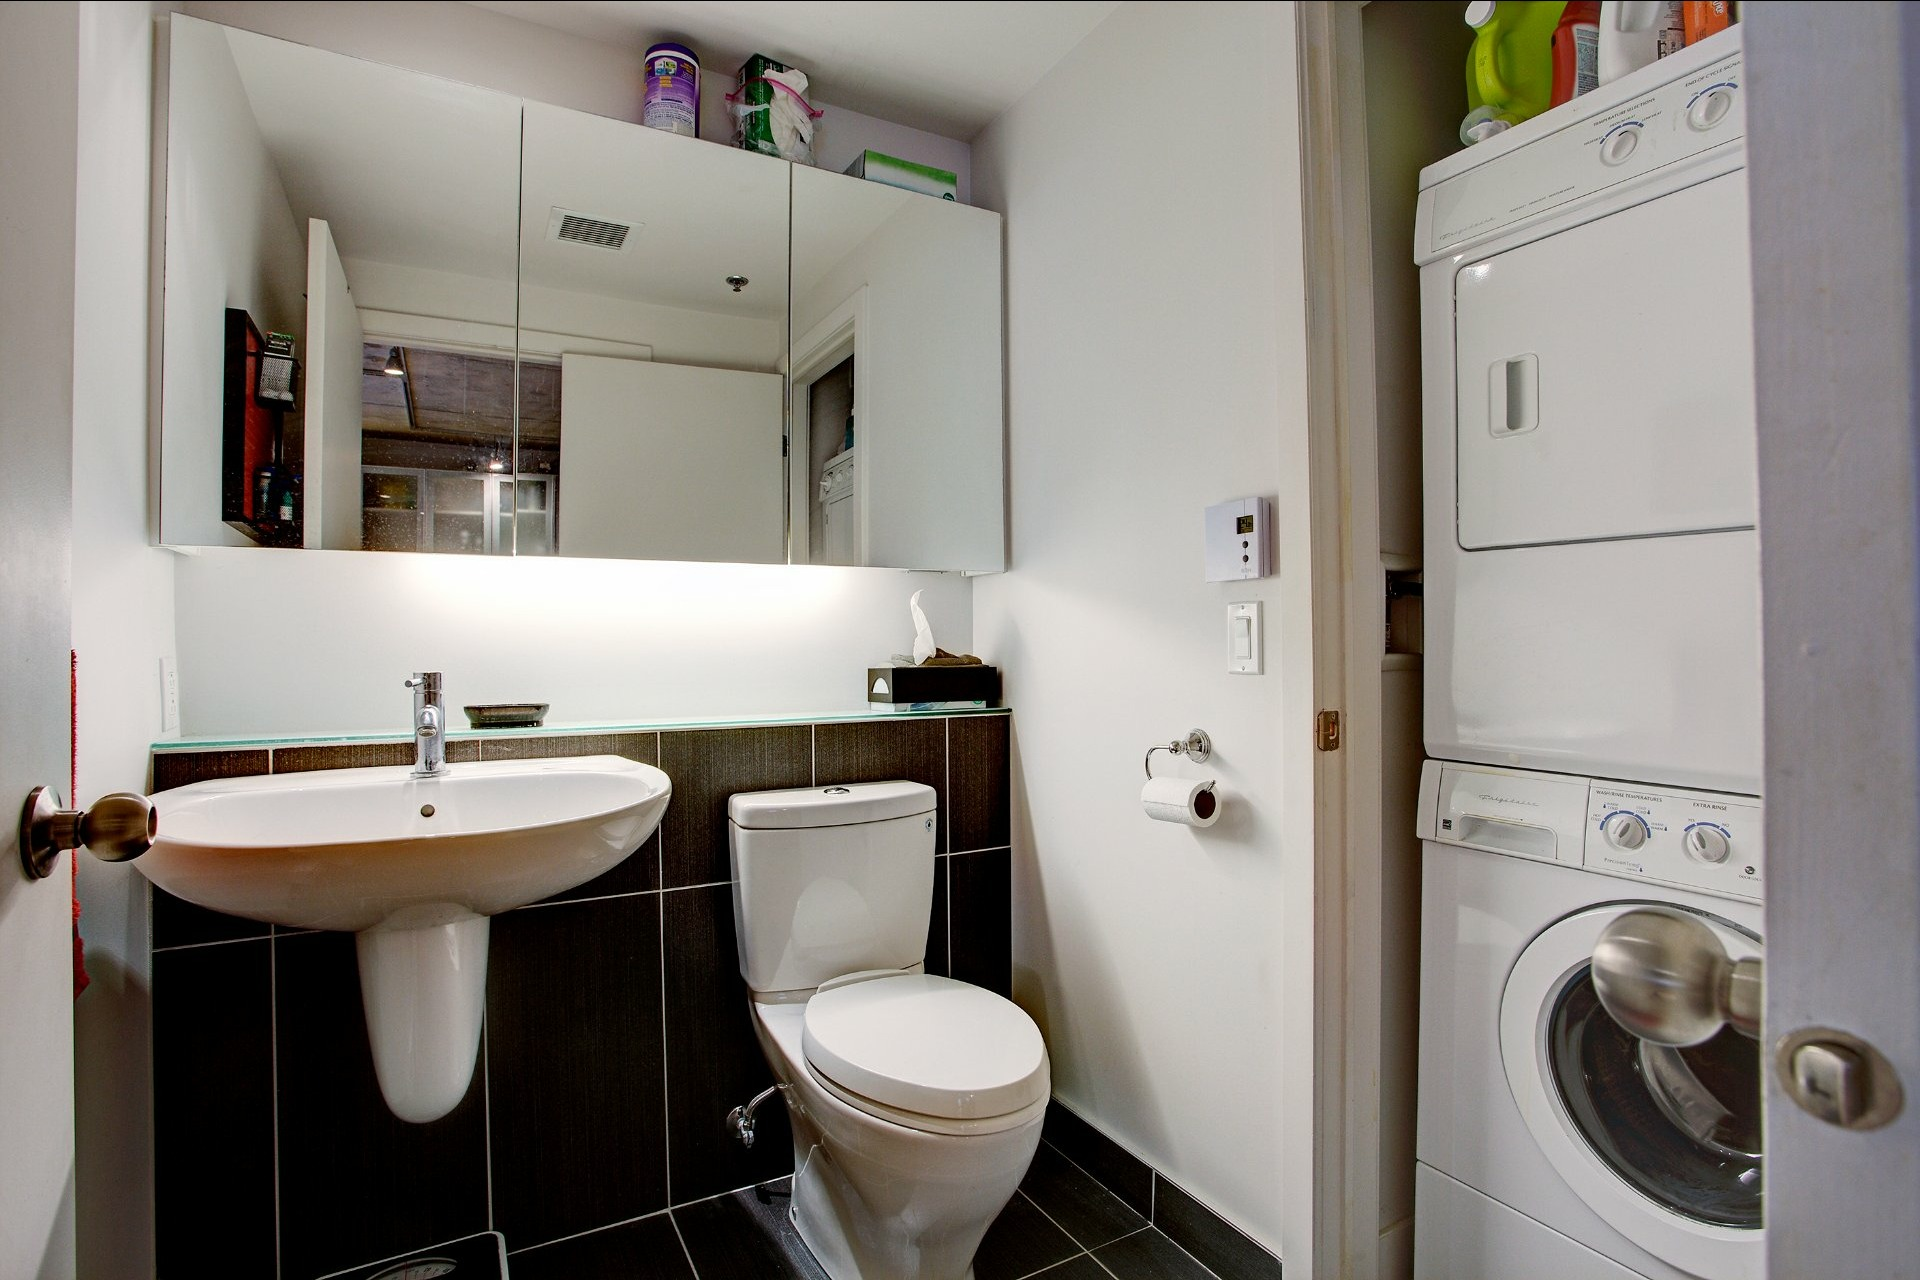 image 13 - 公寓 出售 Montréal Le Sud-Ouest  - 4 室